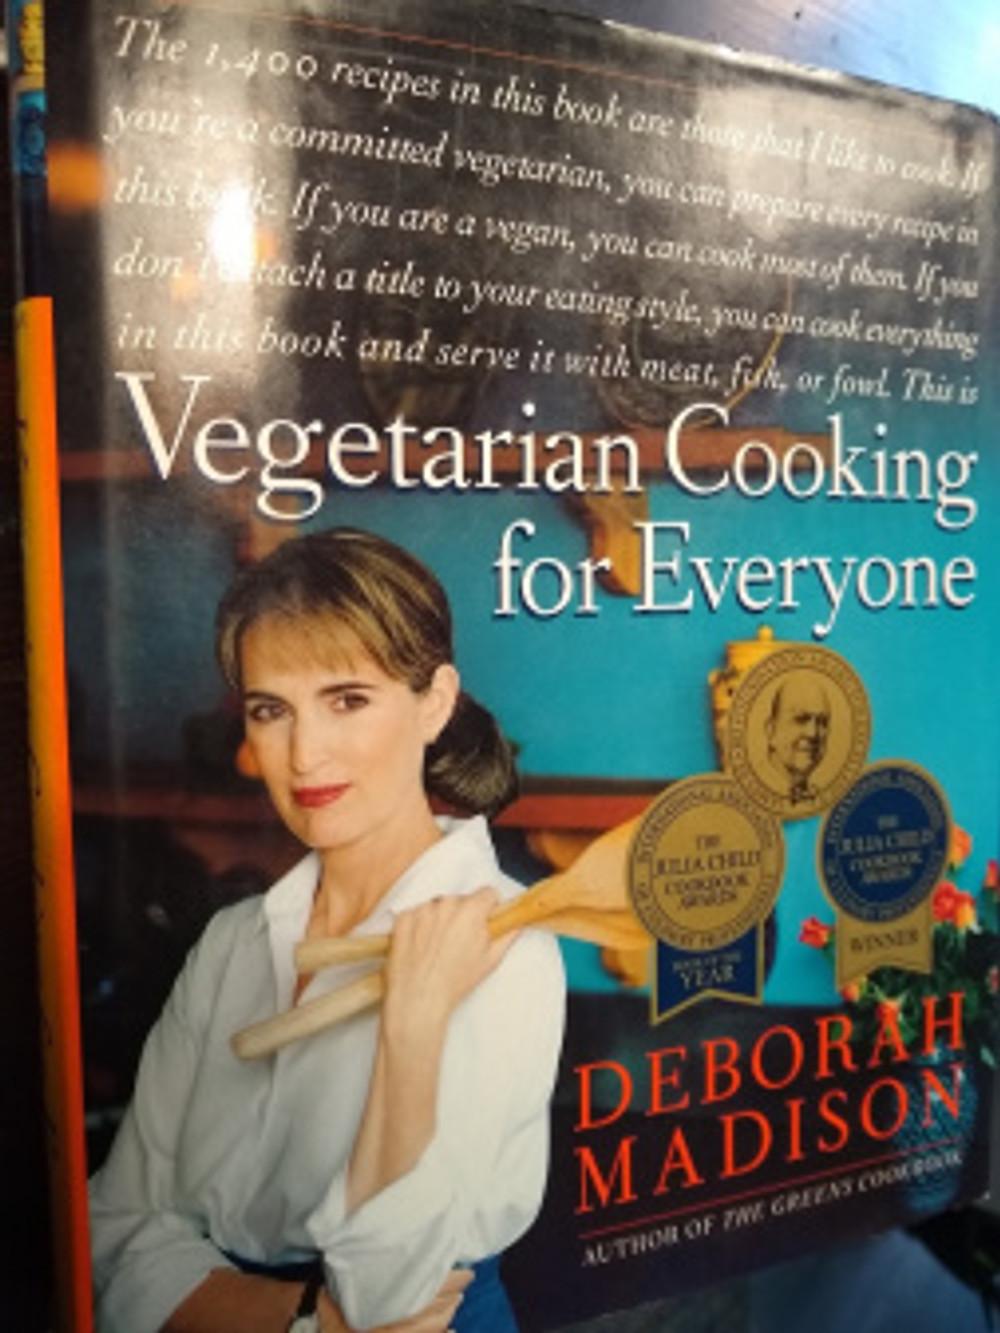 vegcookbook